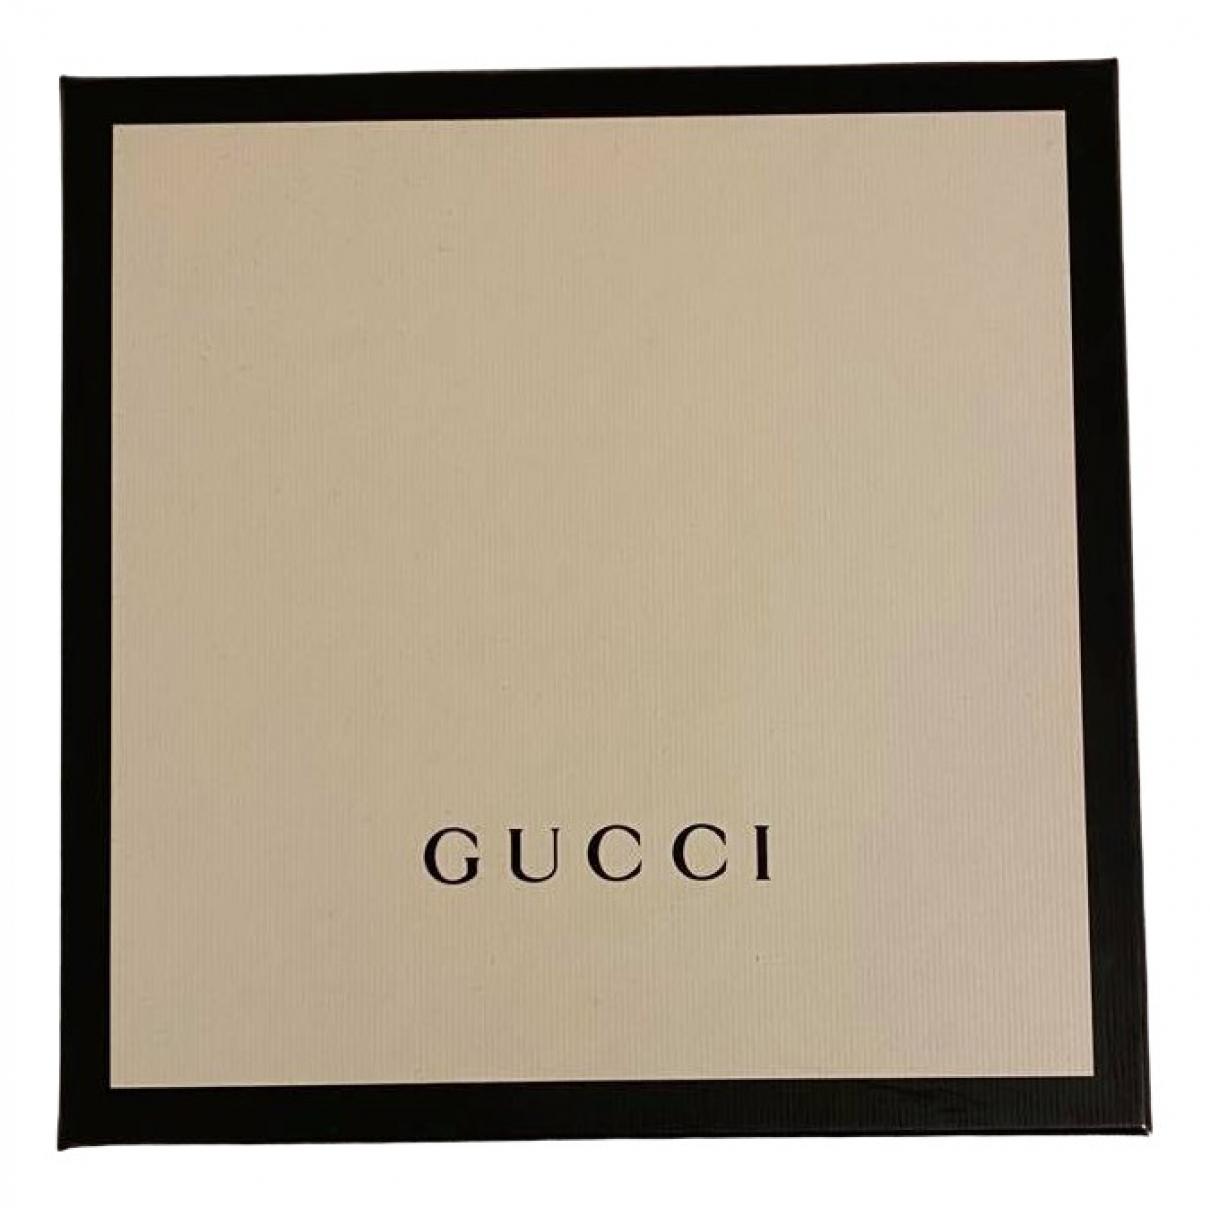 Objeto de decoracion Gucci